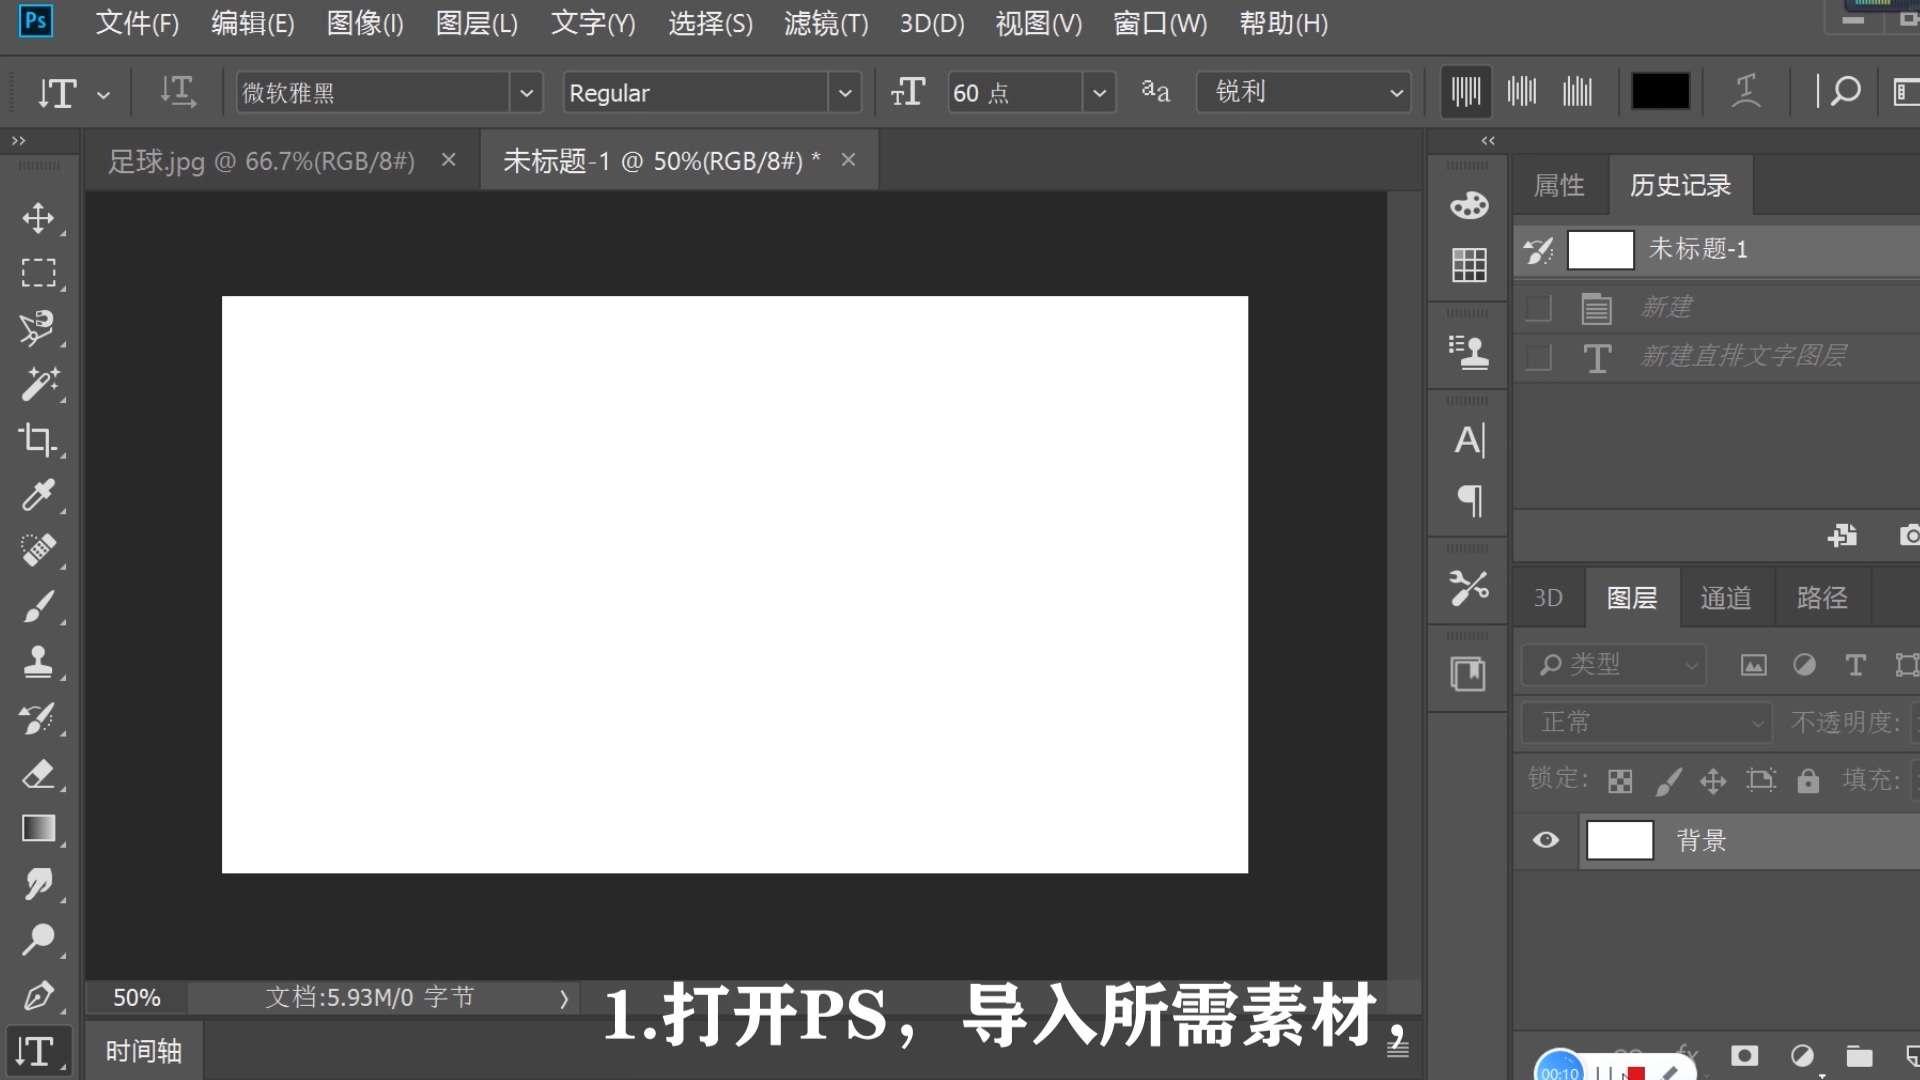 PS直排文字蒙板工具怎么用第1步